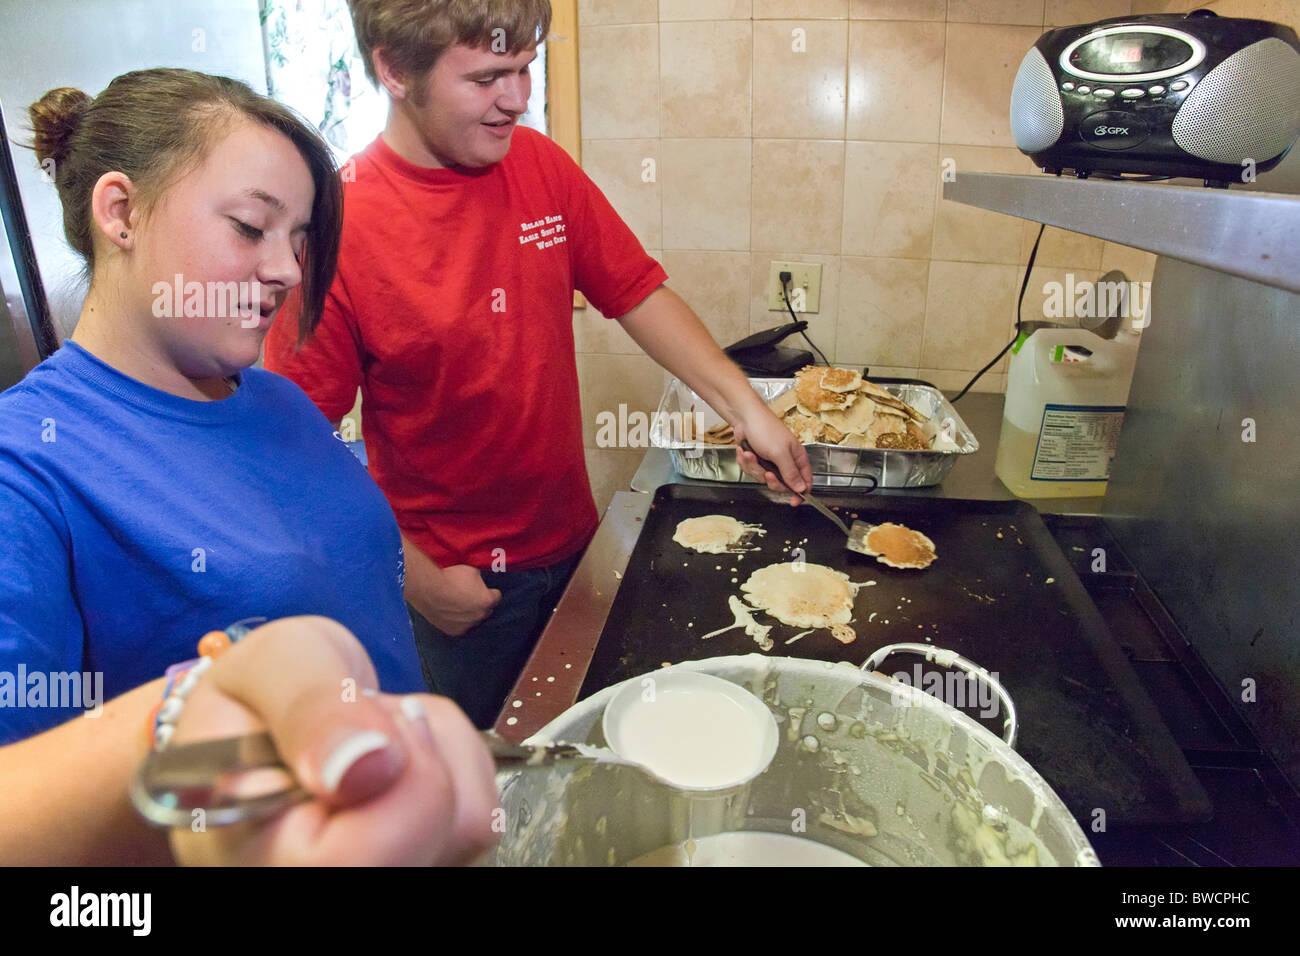 Cooking Pancakes Teen Stock Photos & Cooking Pancakes Teen ...